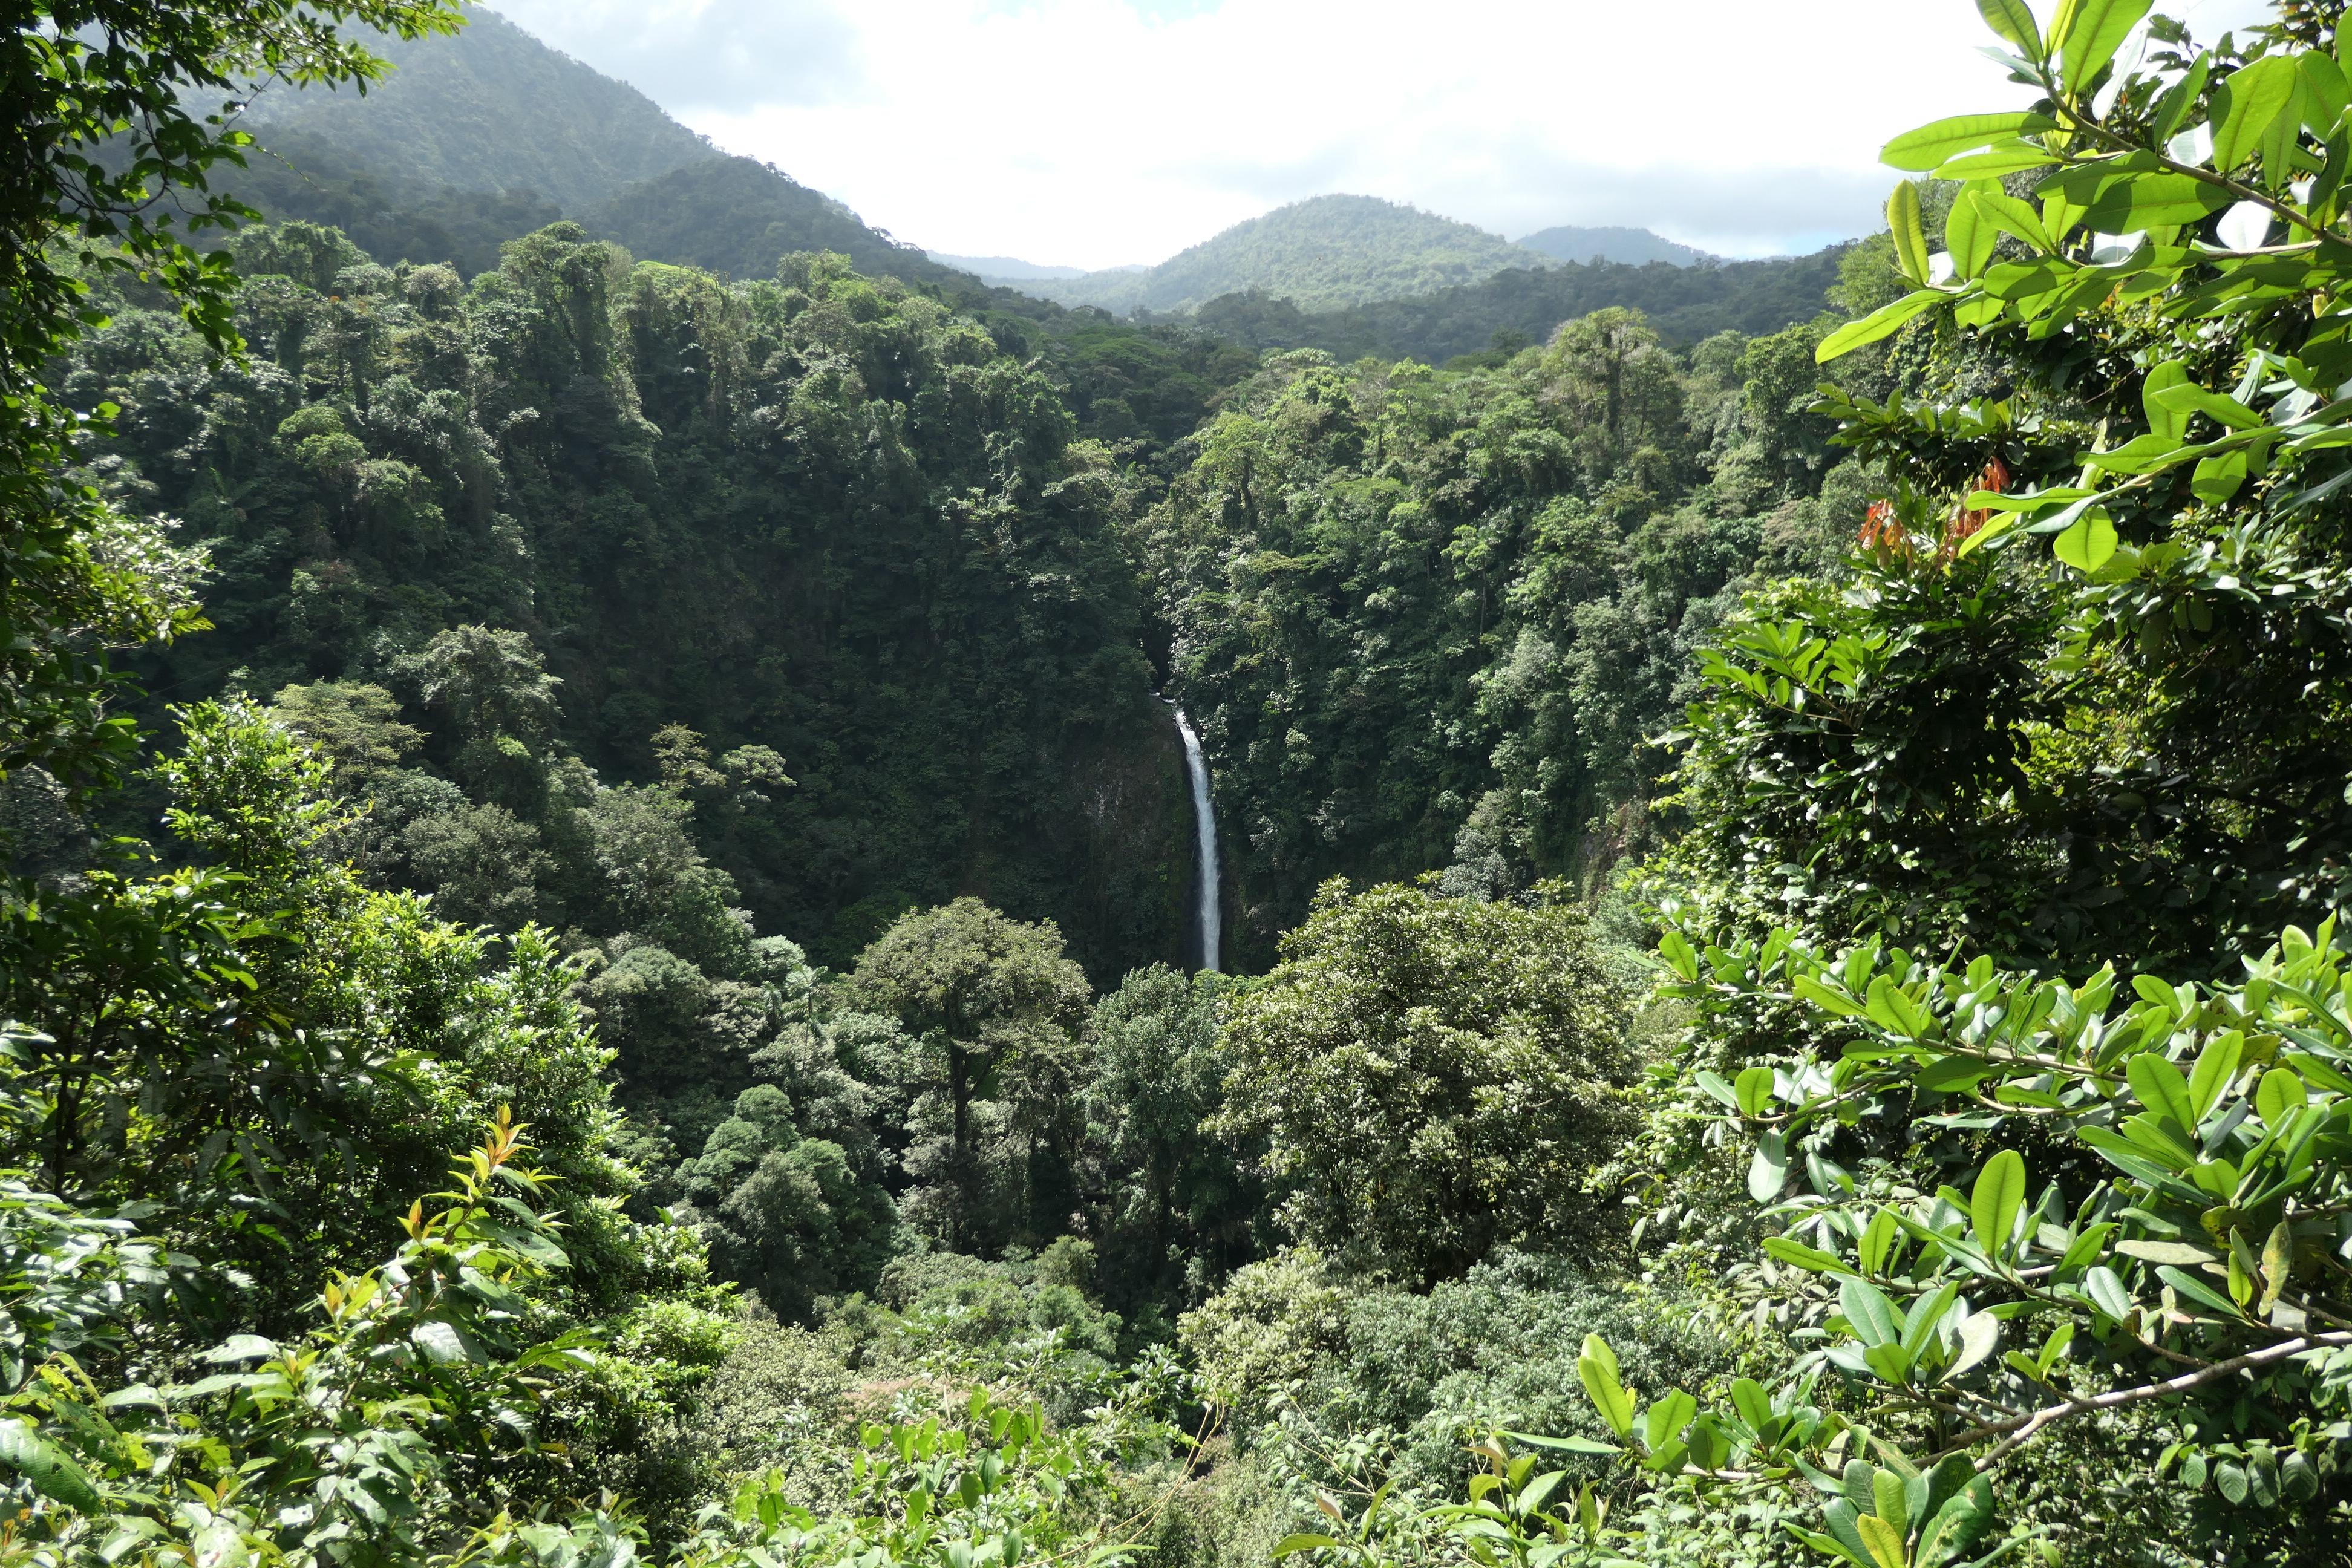 La Fortuna Falls, La Fortuna, Costa Rica